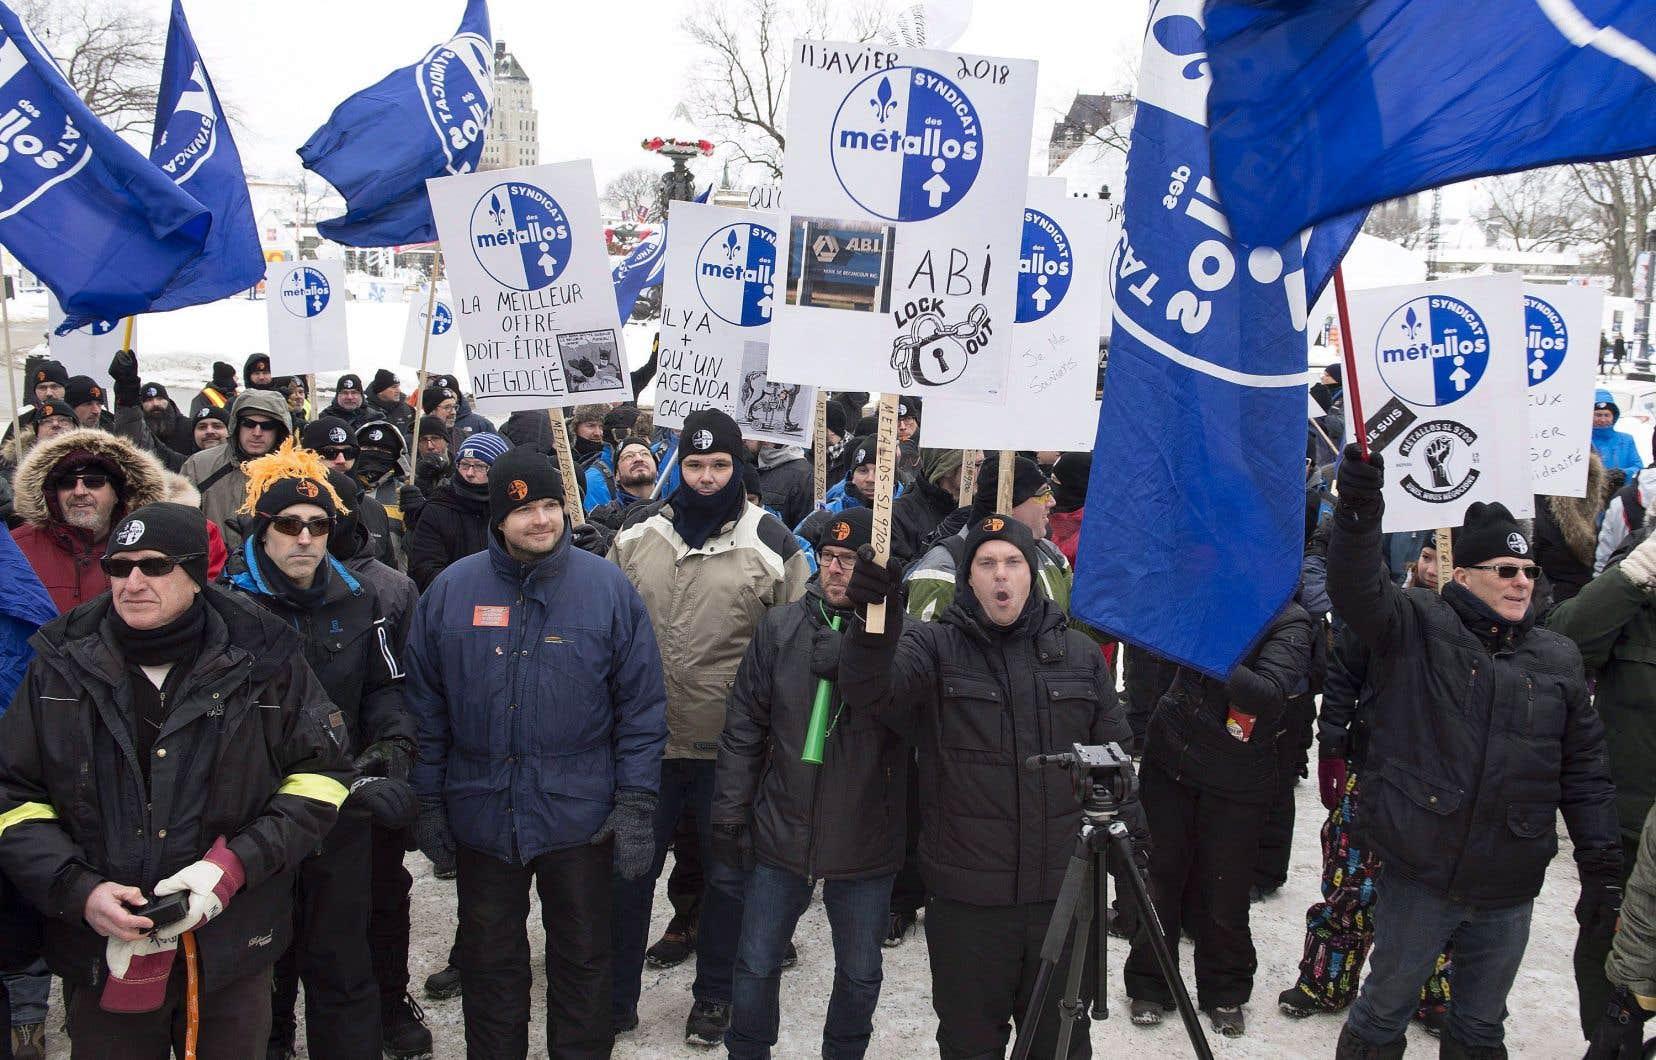 Les travailleurs d'ABI sont en lockout depuis le 11 janvier. Ils ont manifesté devant l'Assemblée nationale à Québec en février.